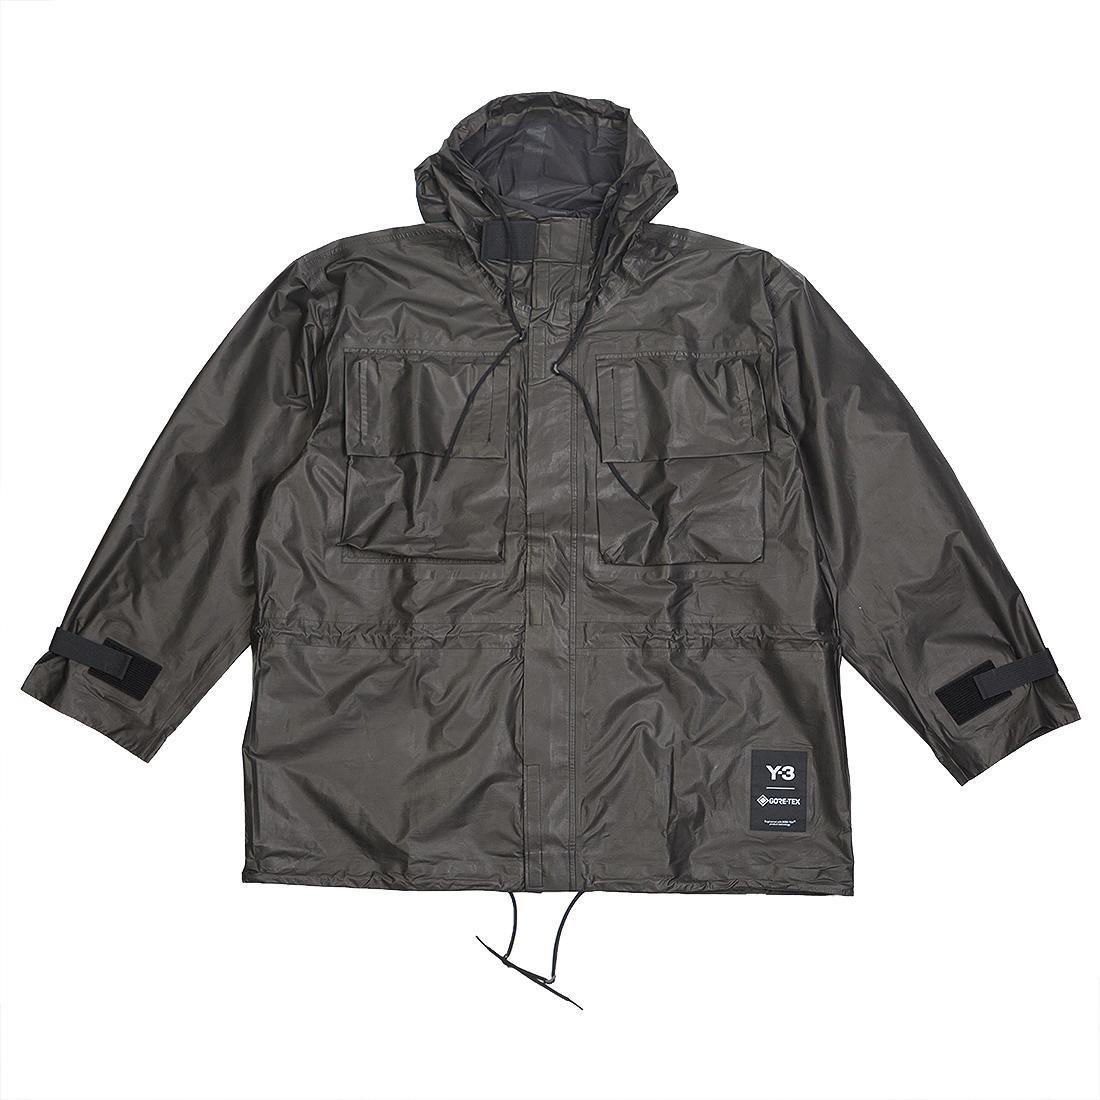 Adidas Men Ash Y 3 Utility Jacketgray Gore Hooded Tex PiukZX